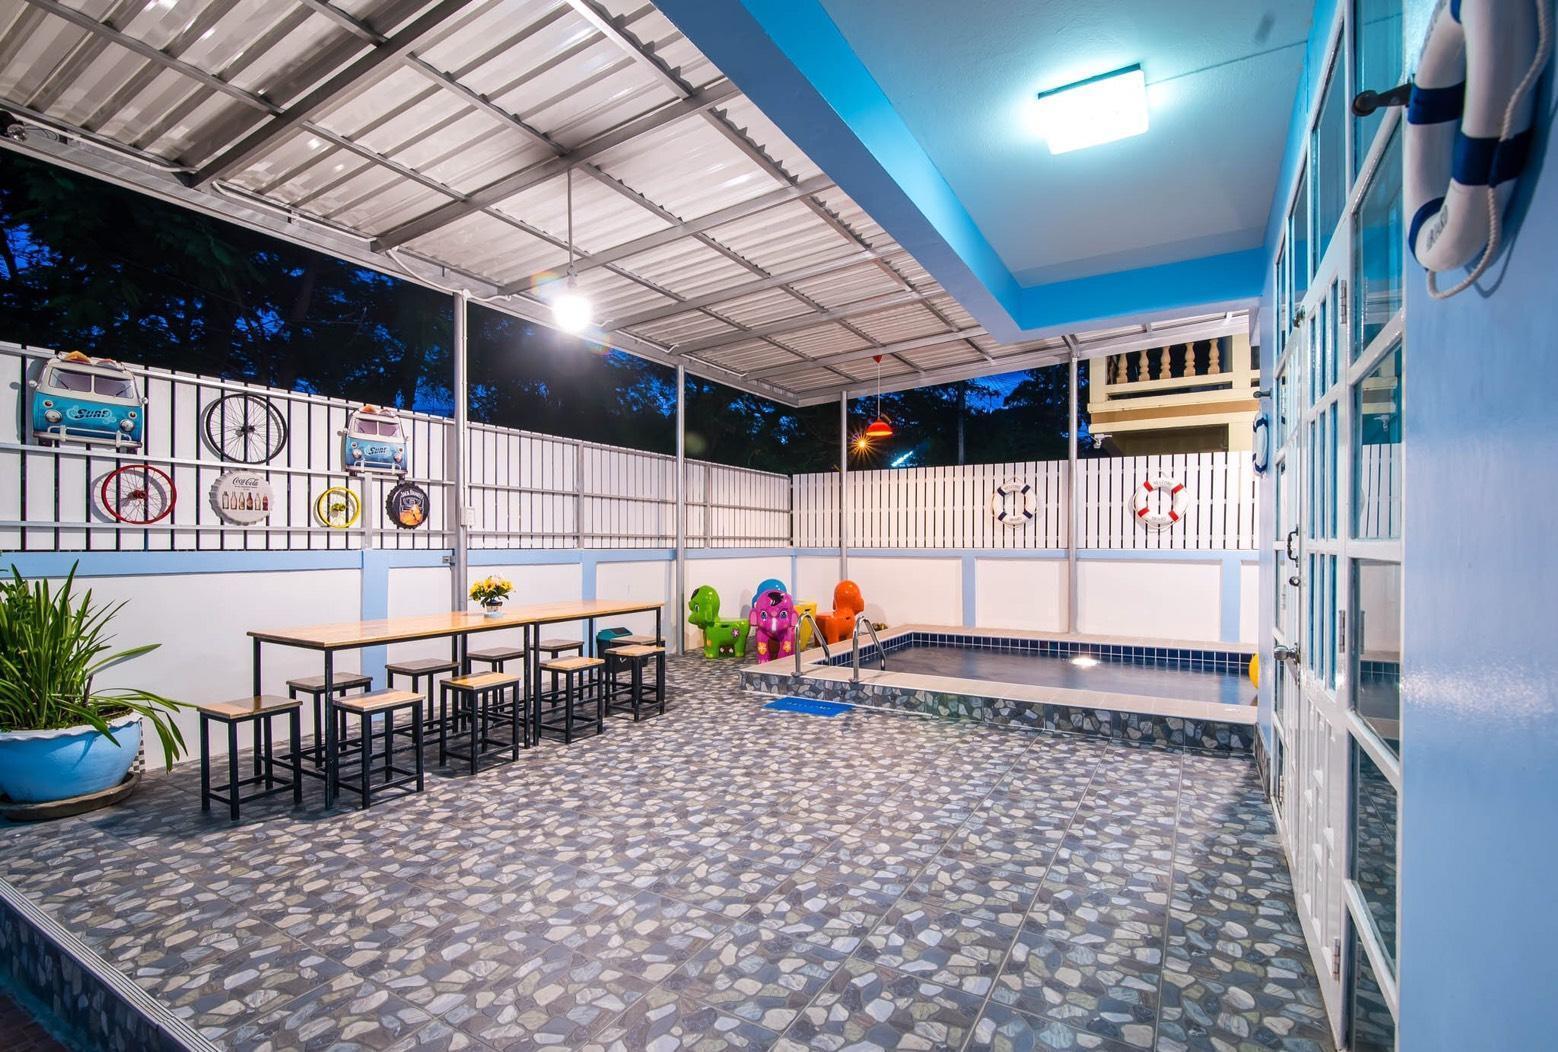 บ้านพักชะอำ My Son พูลวิลล่า ห่างหาดชะอำ 50 เมตร วิลลา 4 ห้องนอน 3 ห้องน้ำส่วนตัว ขนาด 400 ตร.ม. – ชายหาดชะอำ